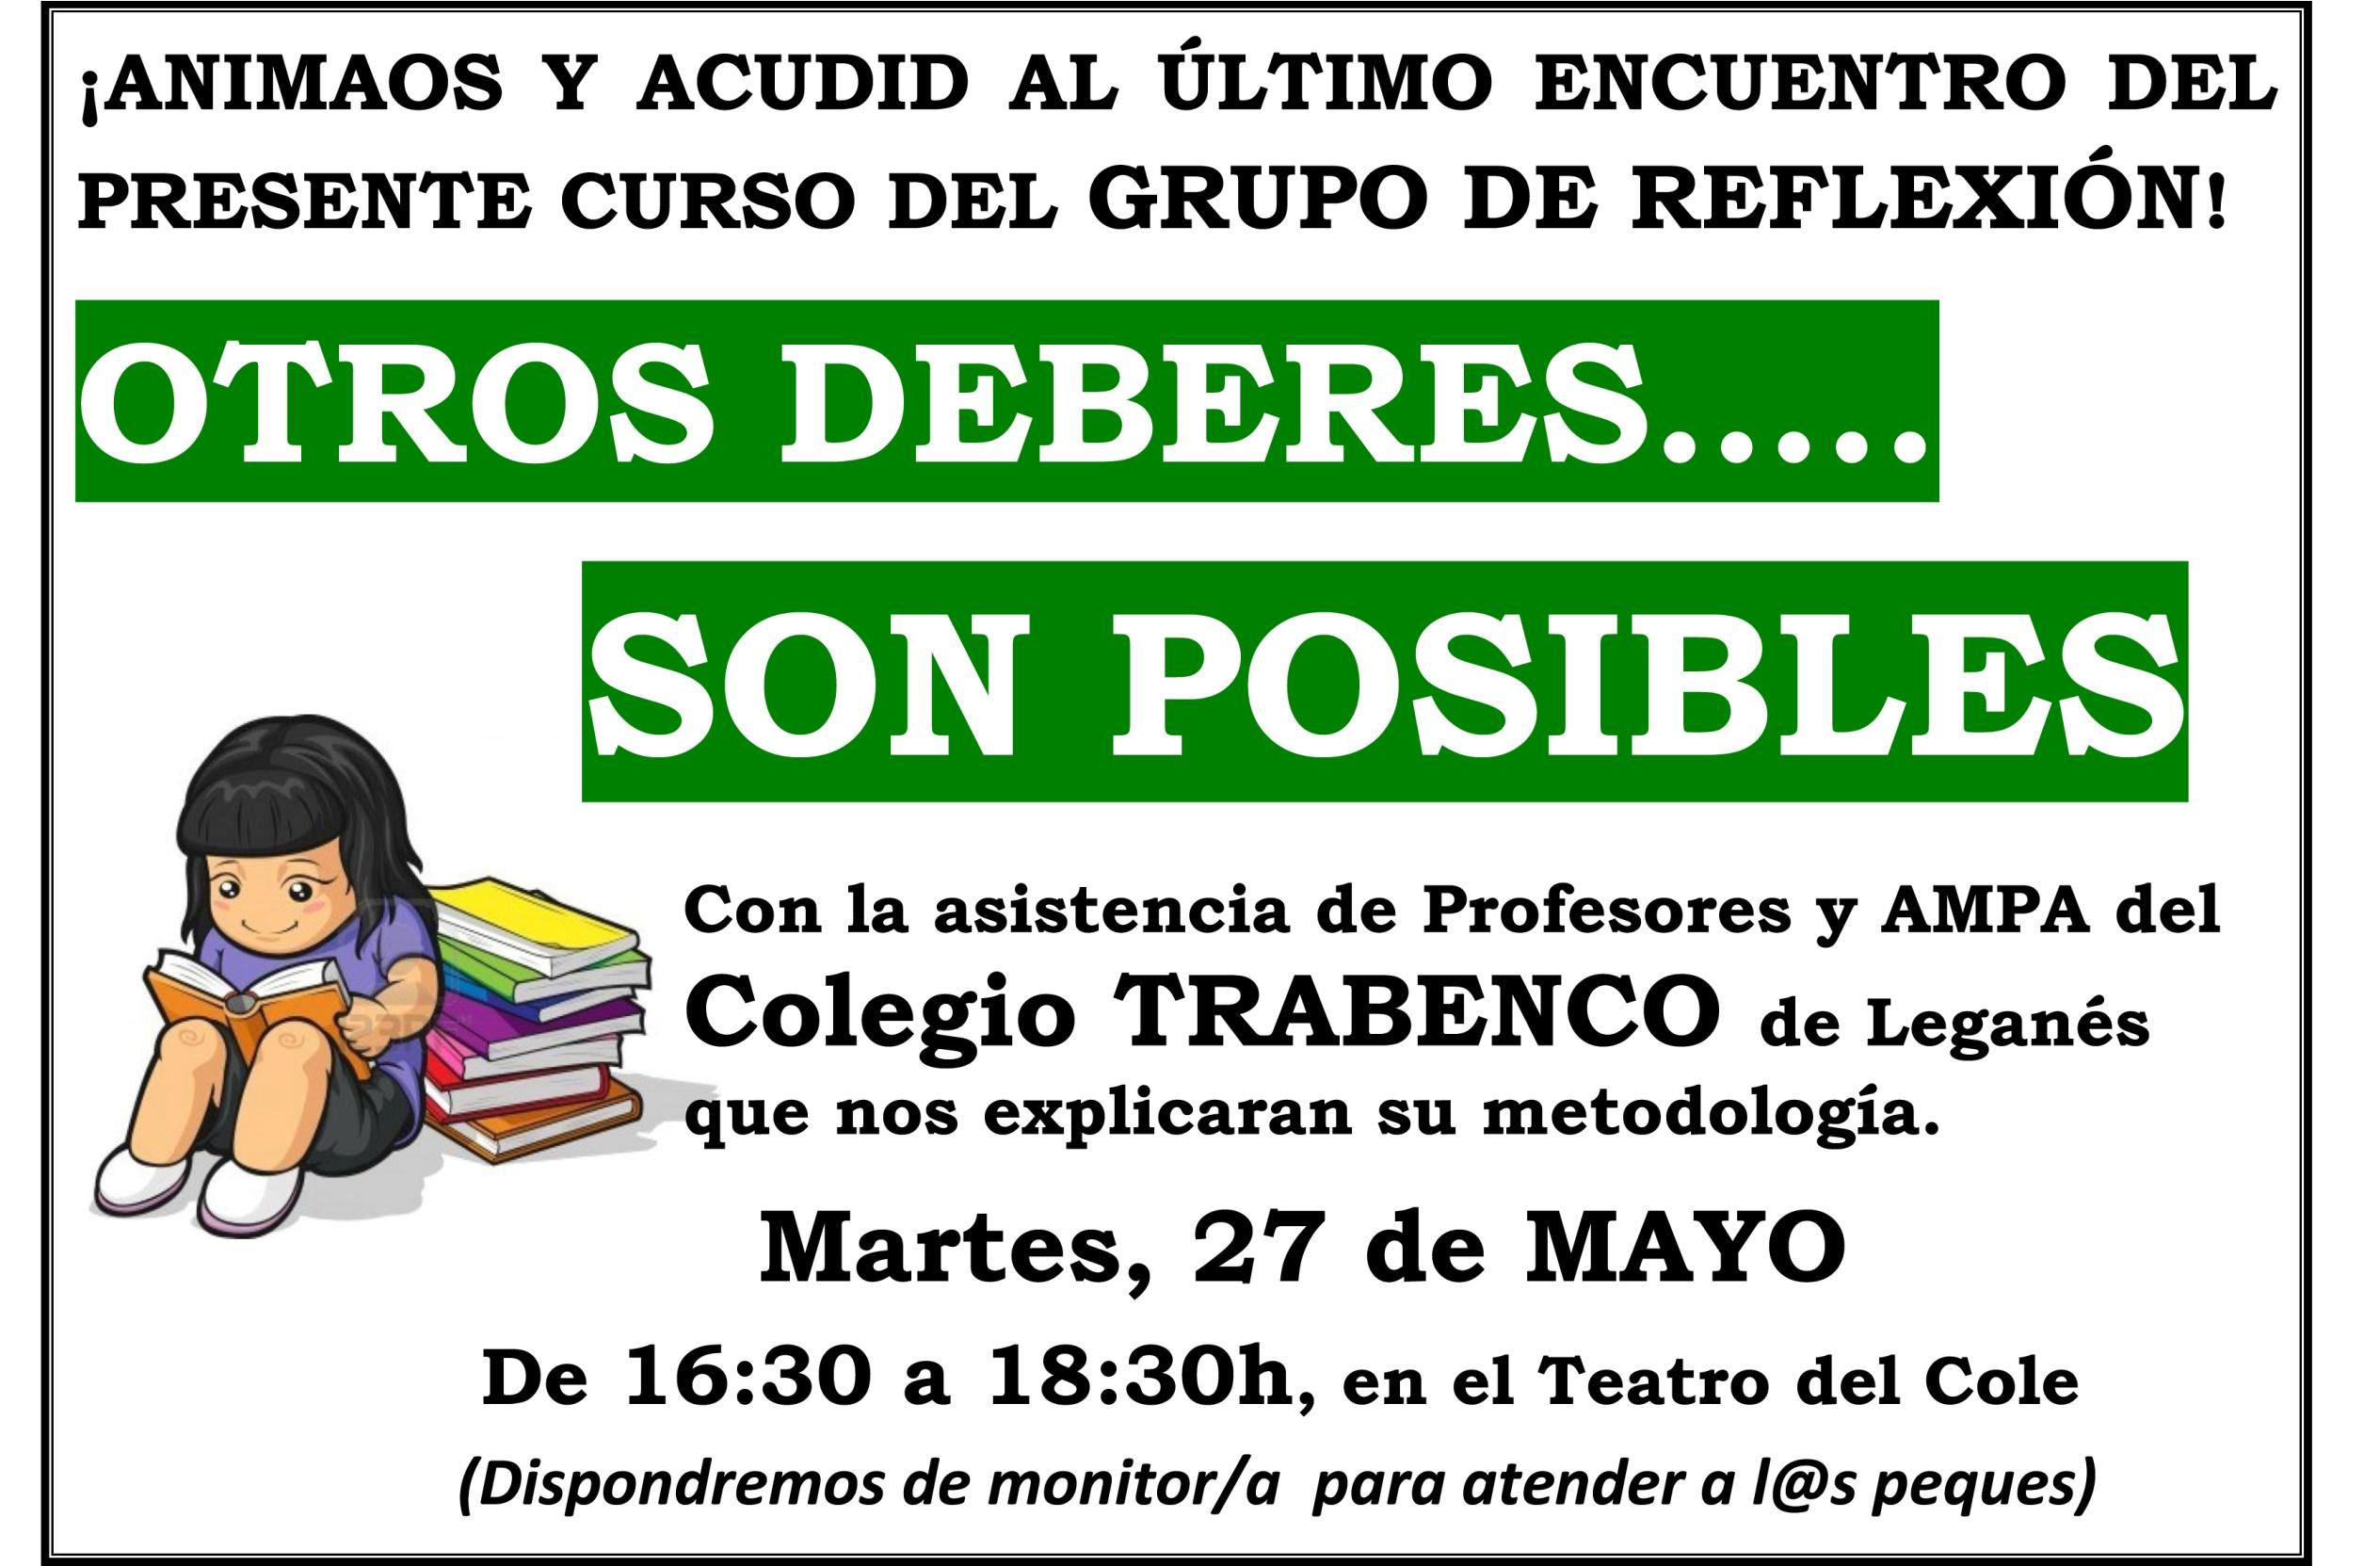 """Otros deberes… son posibles"""", martes 27 de mayo de 16:30 a 18:30h en ..."""